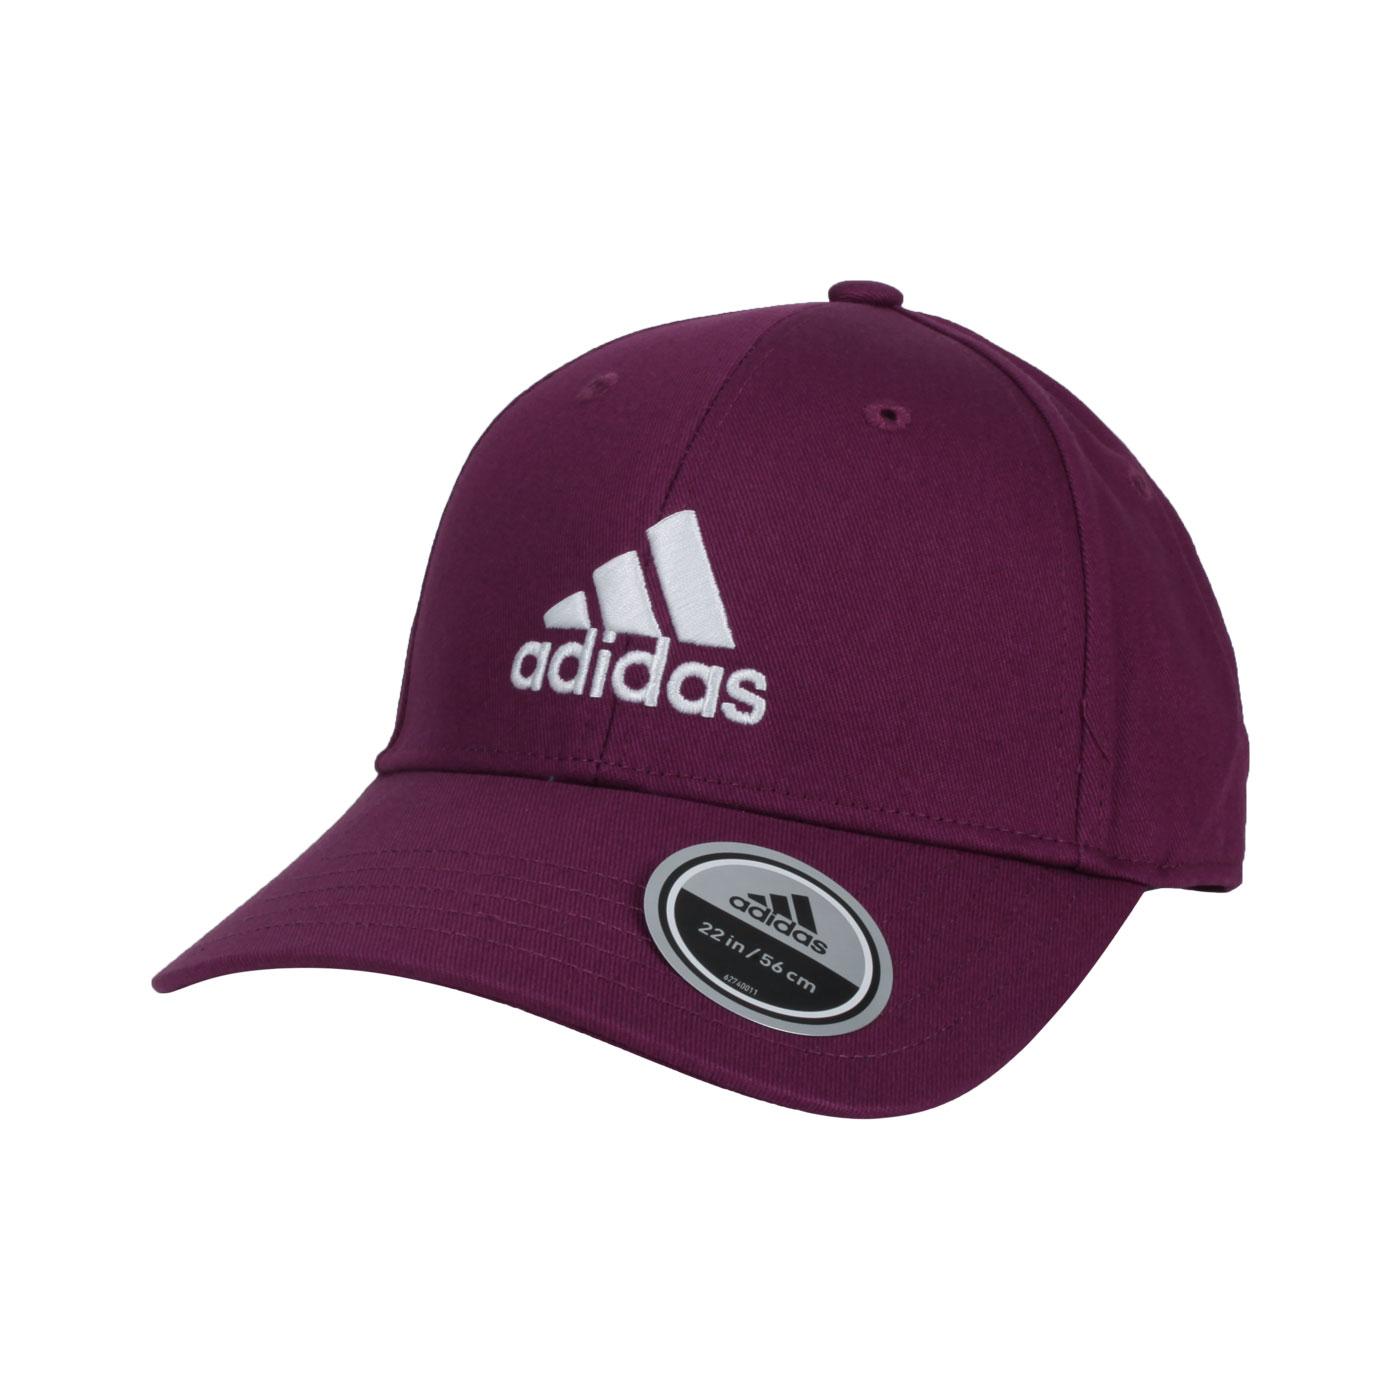 ADIDAS 棒球帽 H34475 - 酒紅白